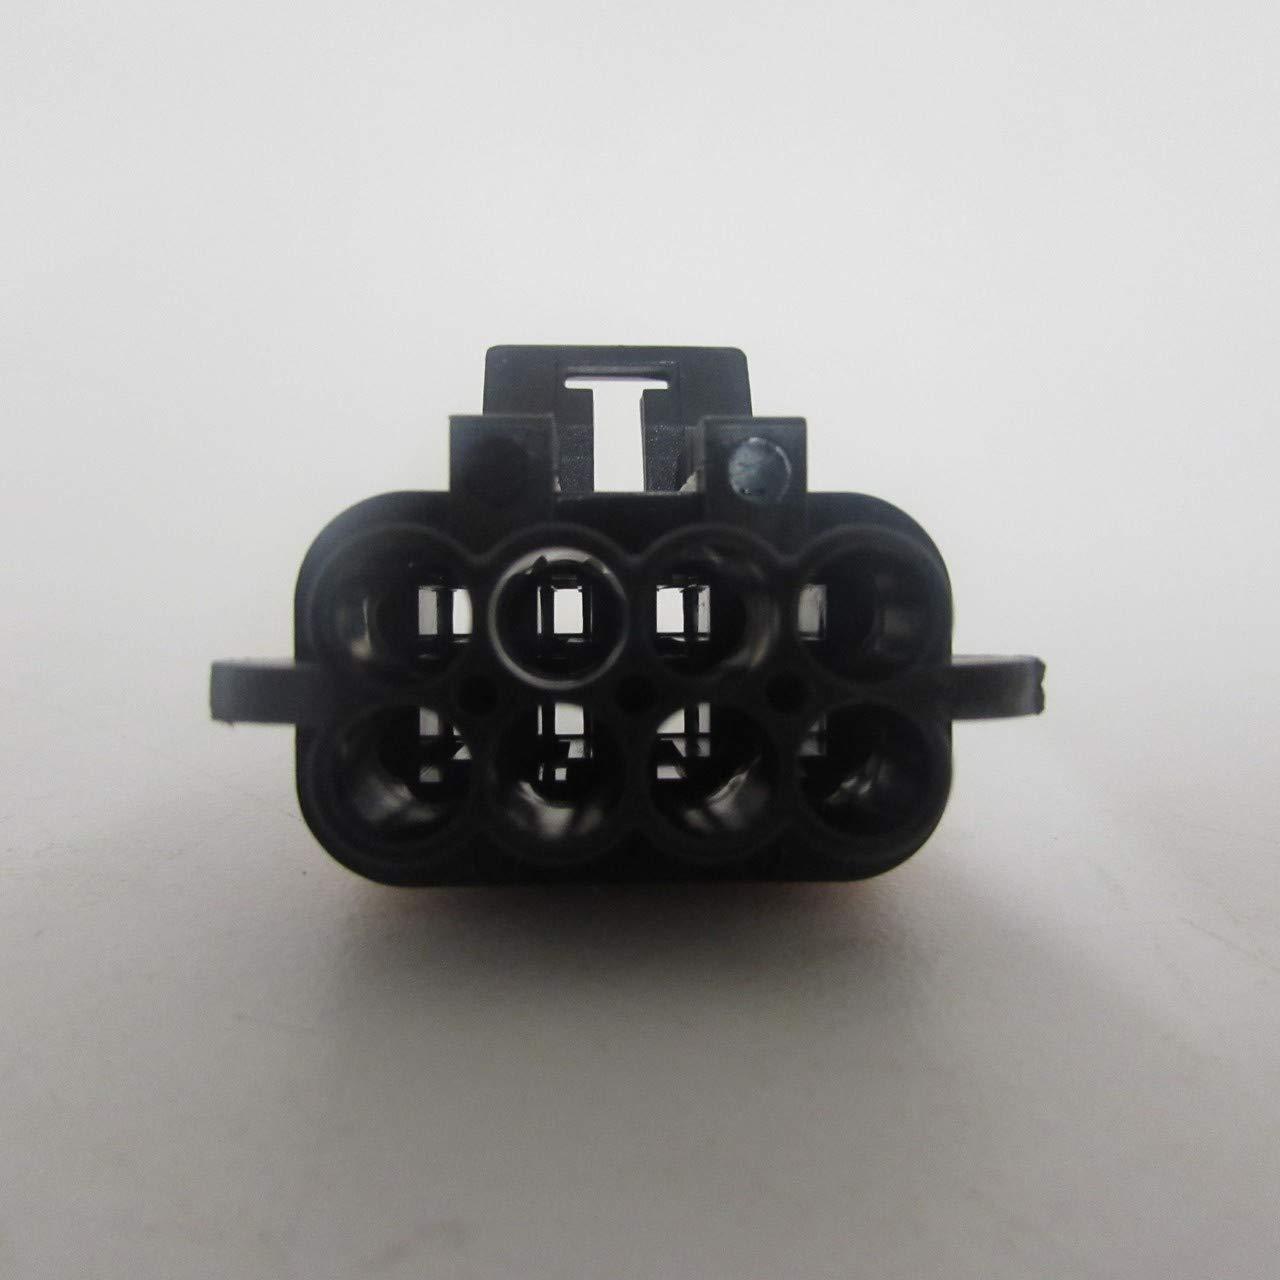 Automotive Connectors 8P FM BLK CON ASSY 150 SERIES 14 AMPS 1 piece